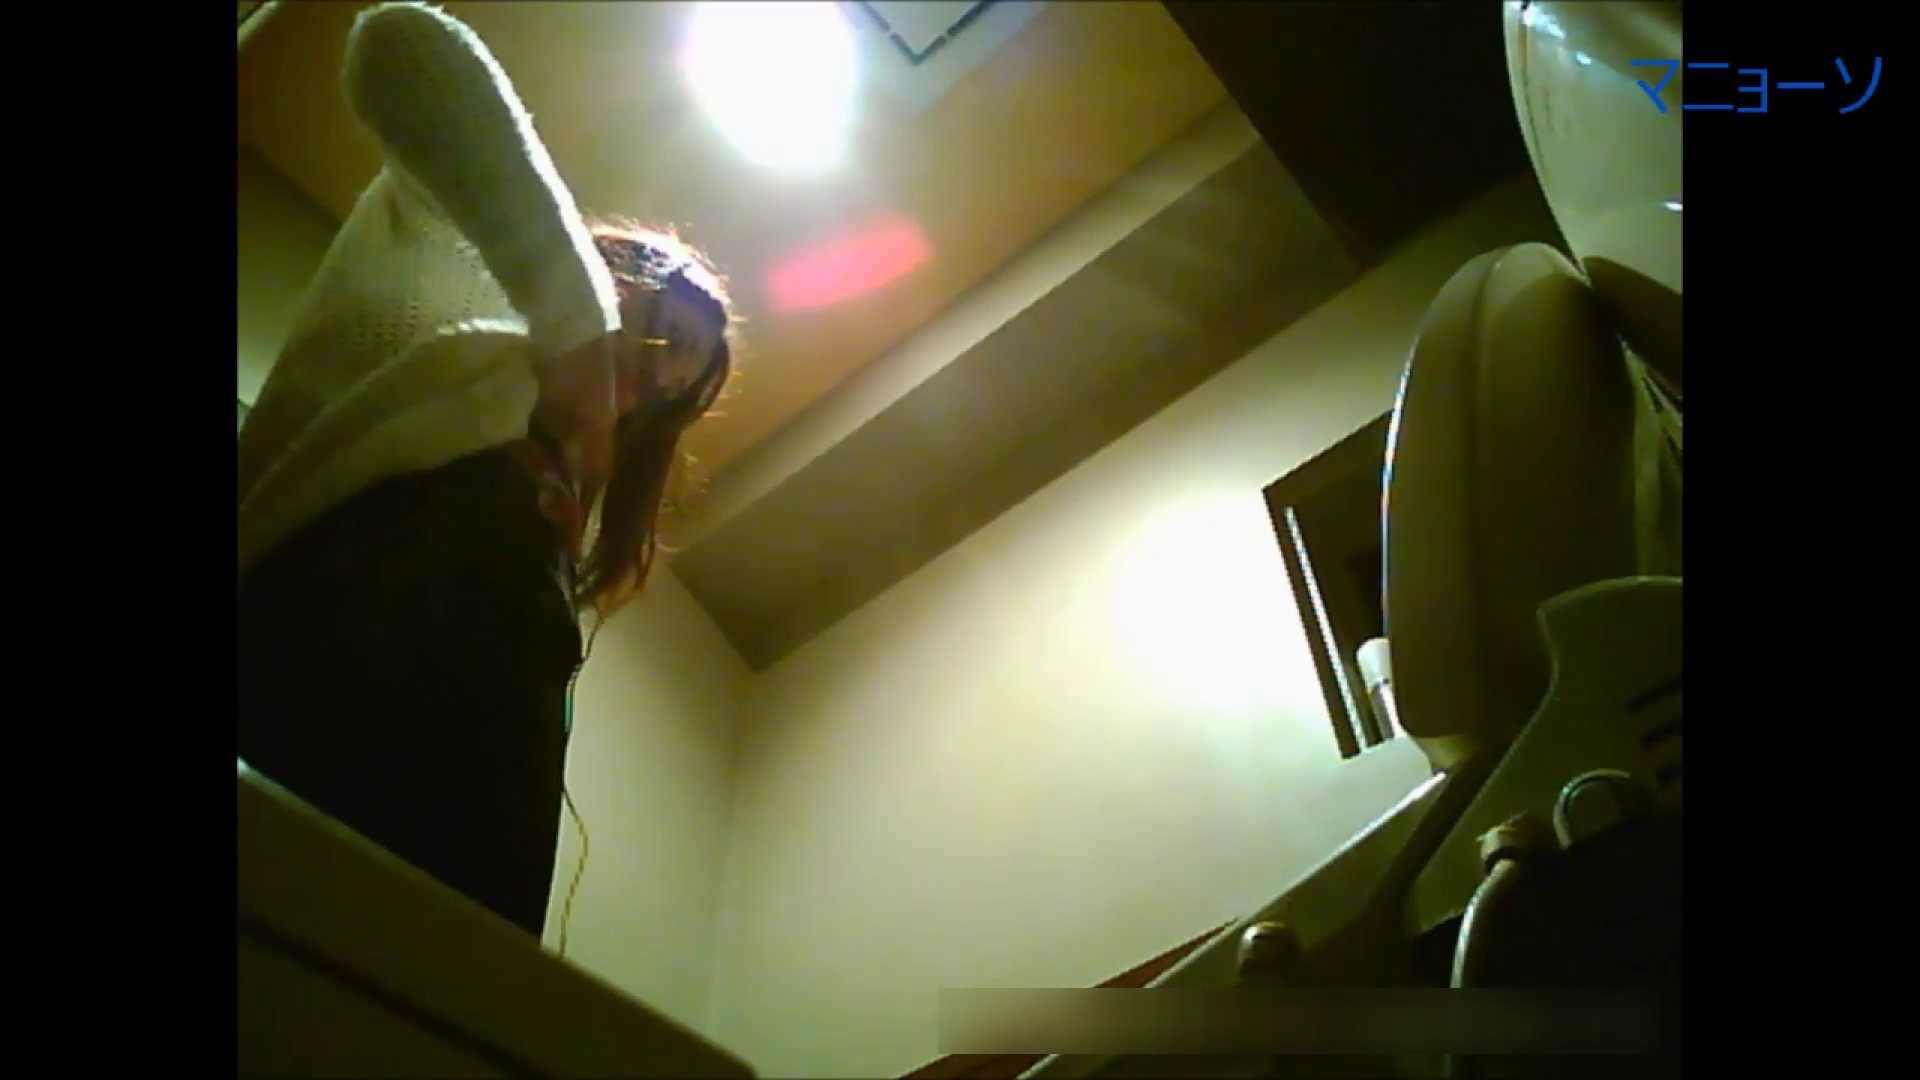 トイレでひと肌脱いでもらいました (JD編)Vol.01 トイレ | OLの実態  53pic 11